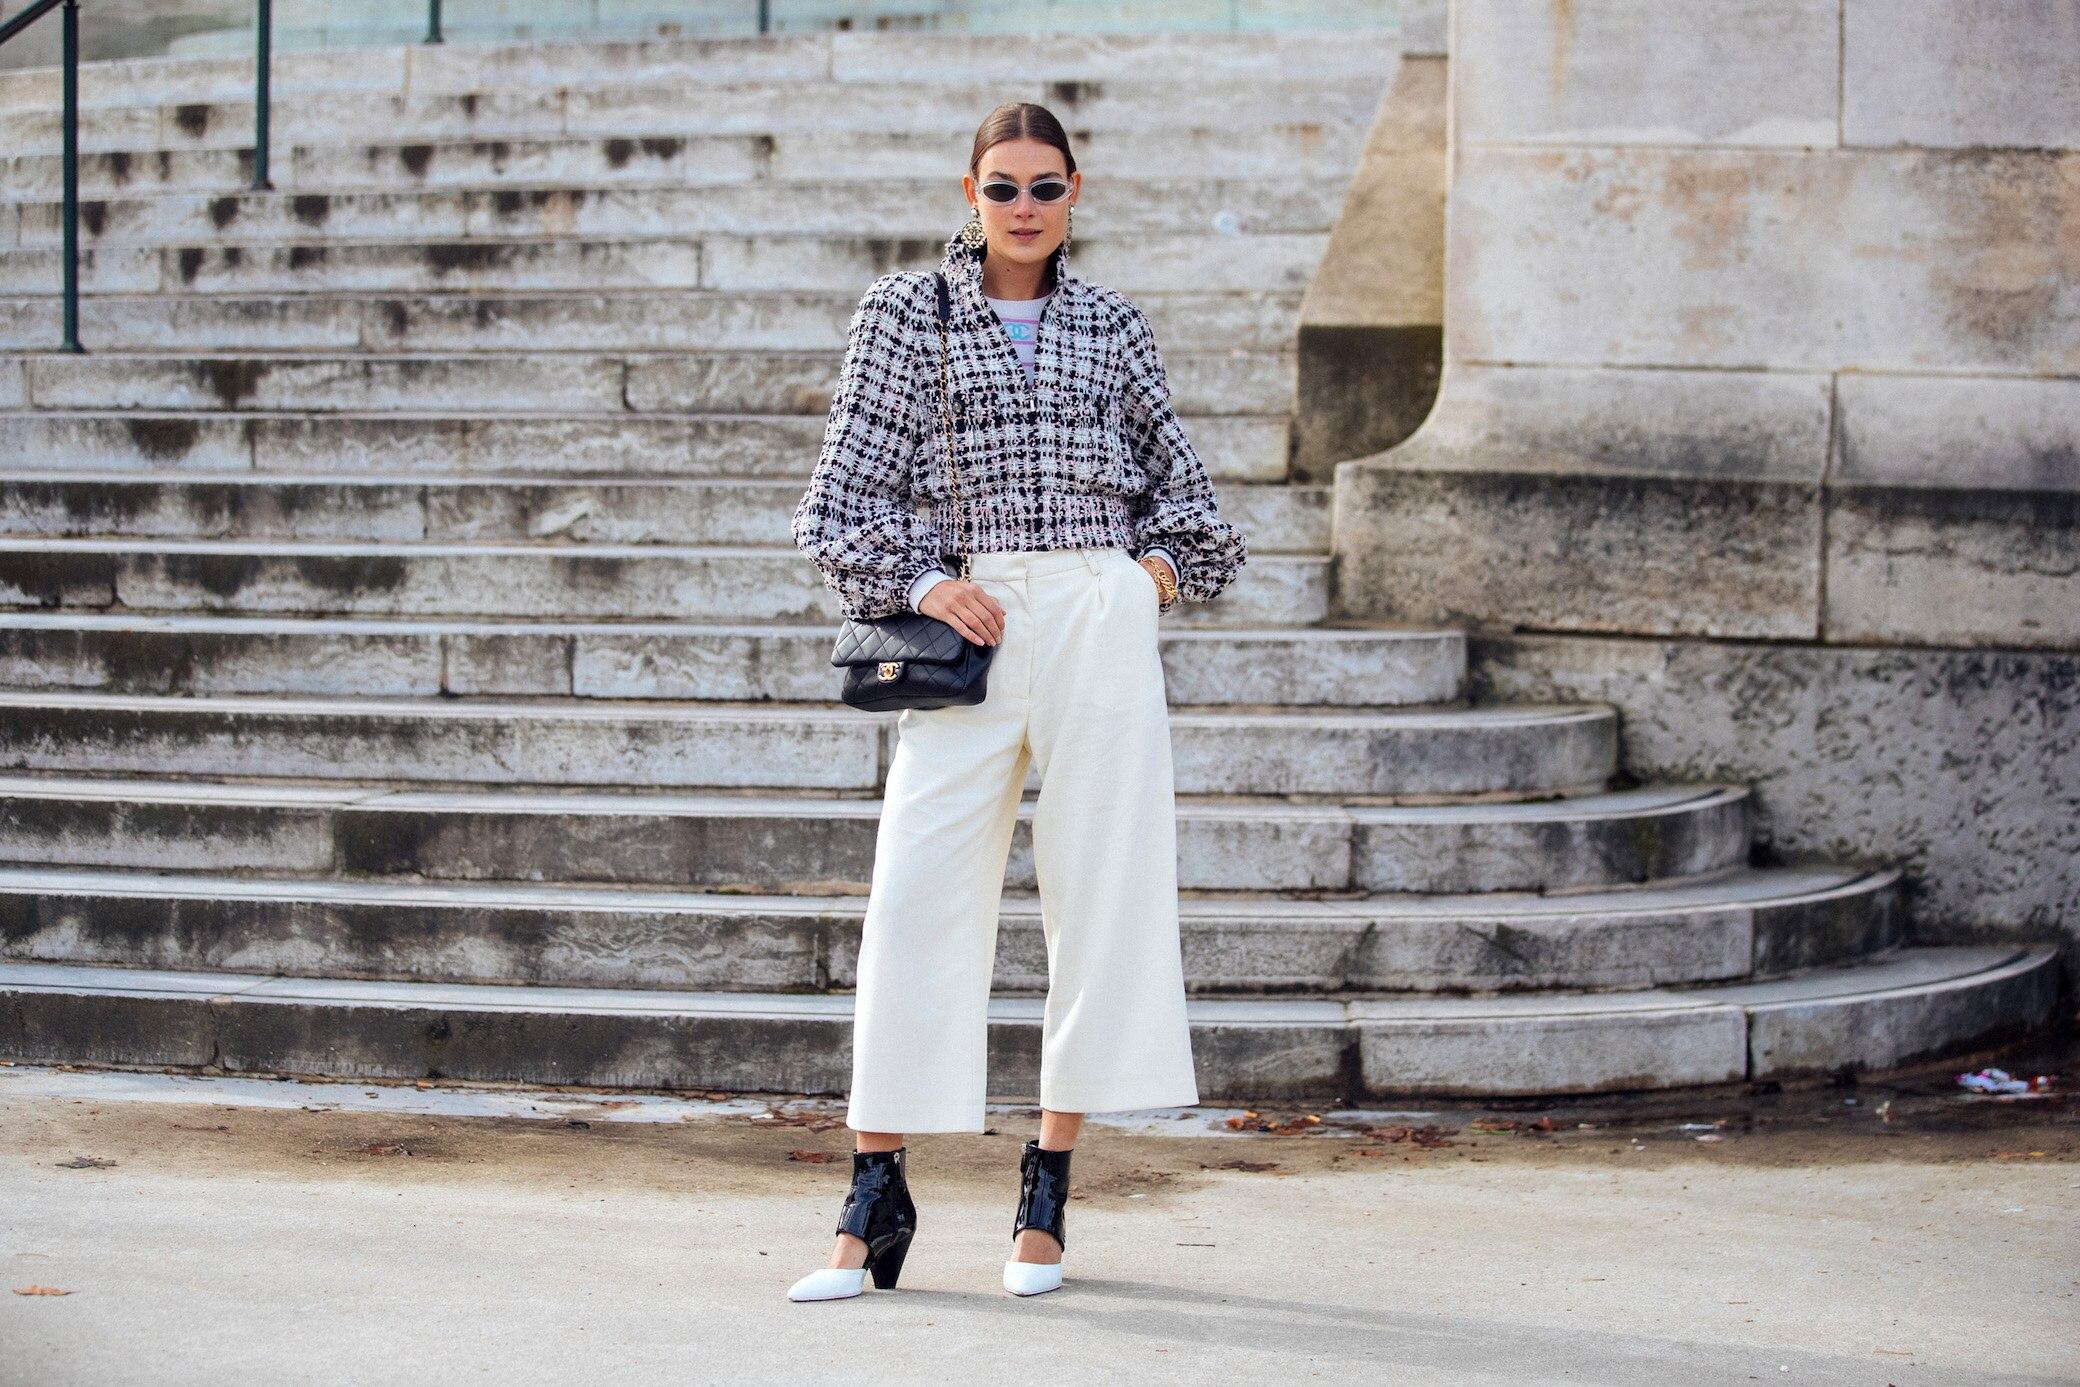 Culottes: So werden die halblangen Hosen richtig getragen